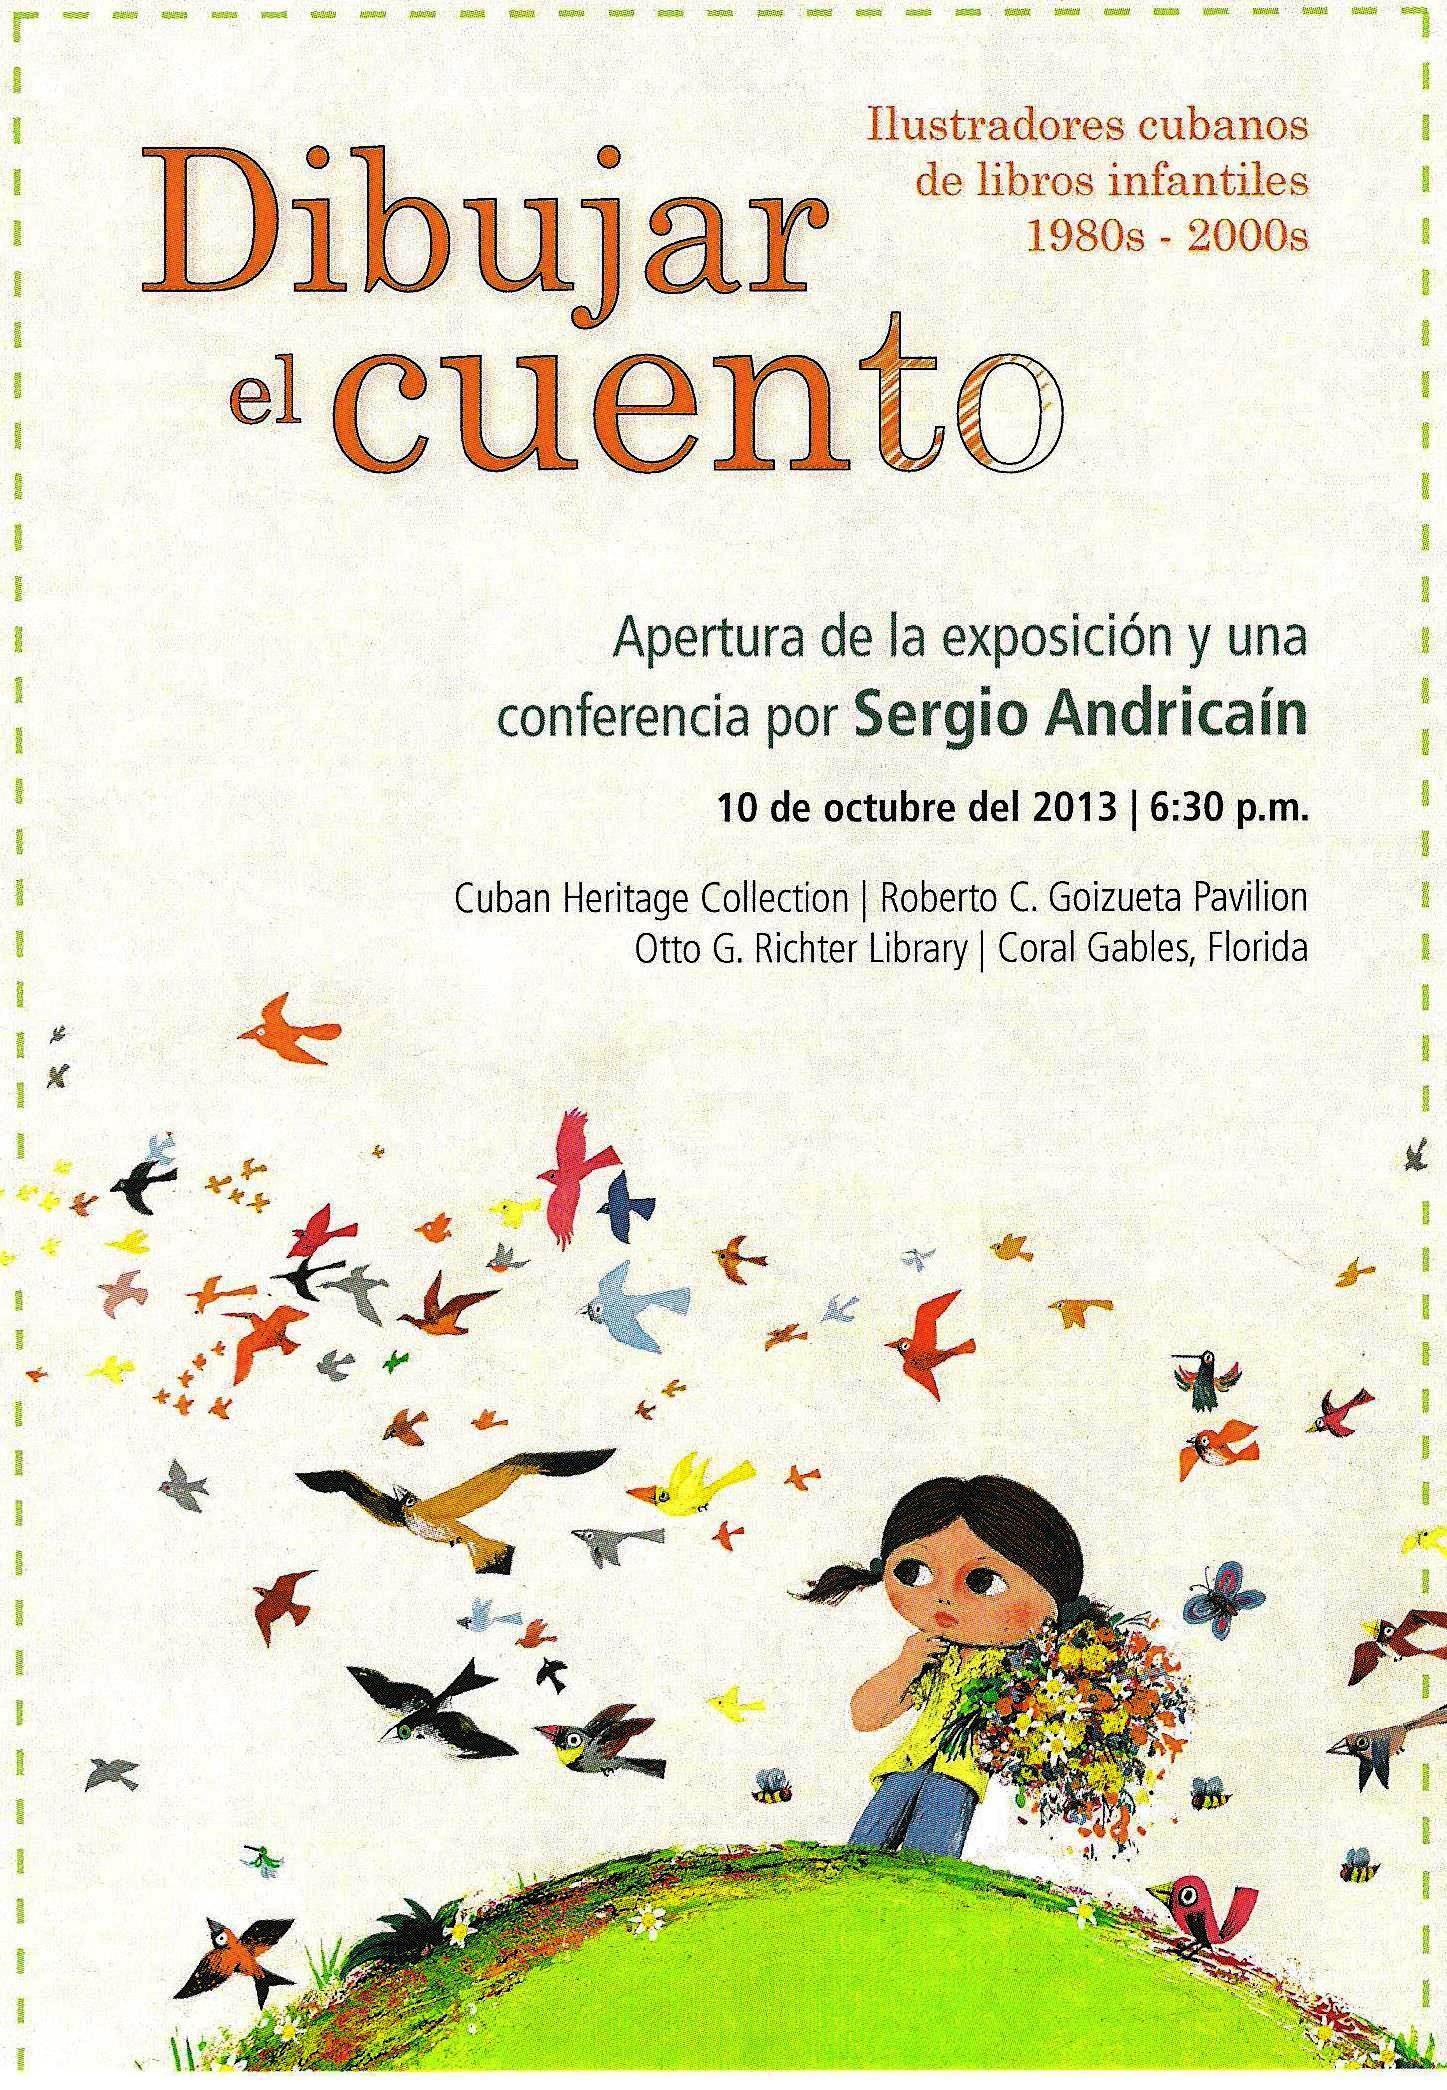 Dibujar el cuento Fiesta de la lectura Fundacion Cuatrogatos 2013